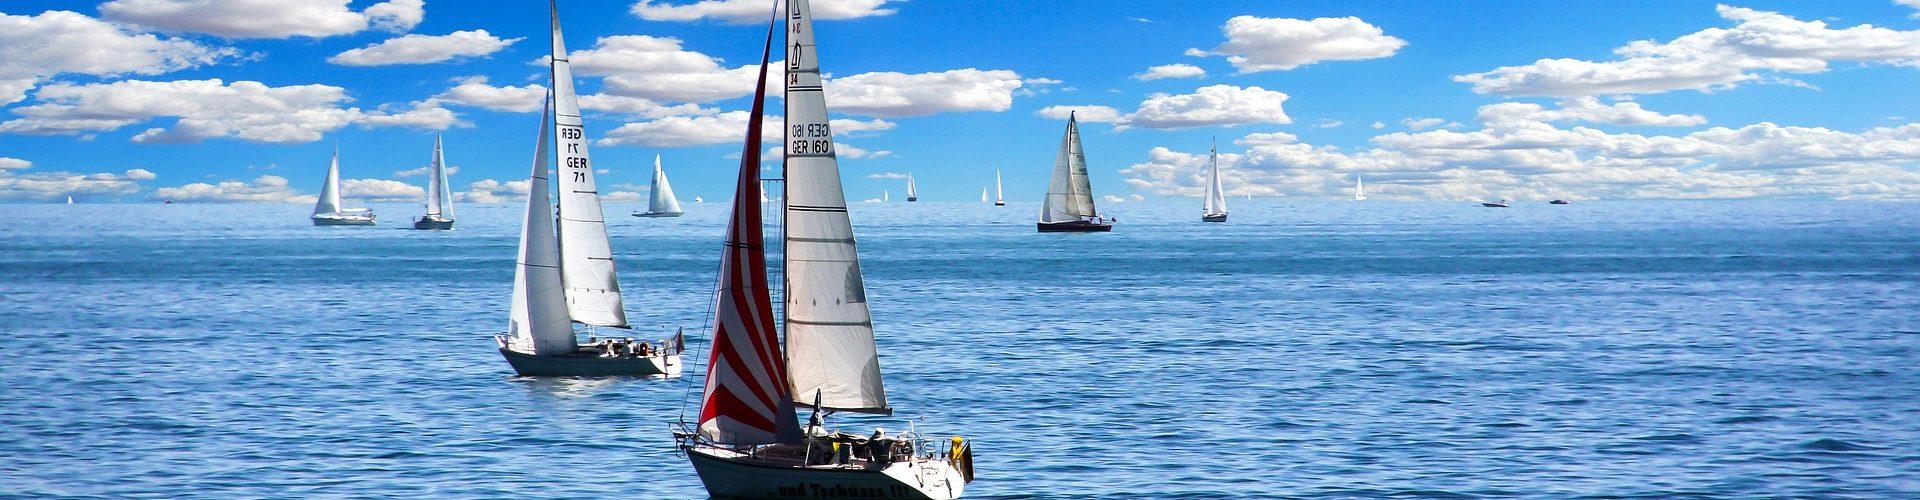 segeln lernen in Diensdorf Radlow segelschein machen in Diensdorf Radlow 1920x500 - Segeln lernen in Diensdorf-Radlow